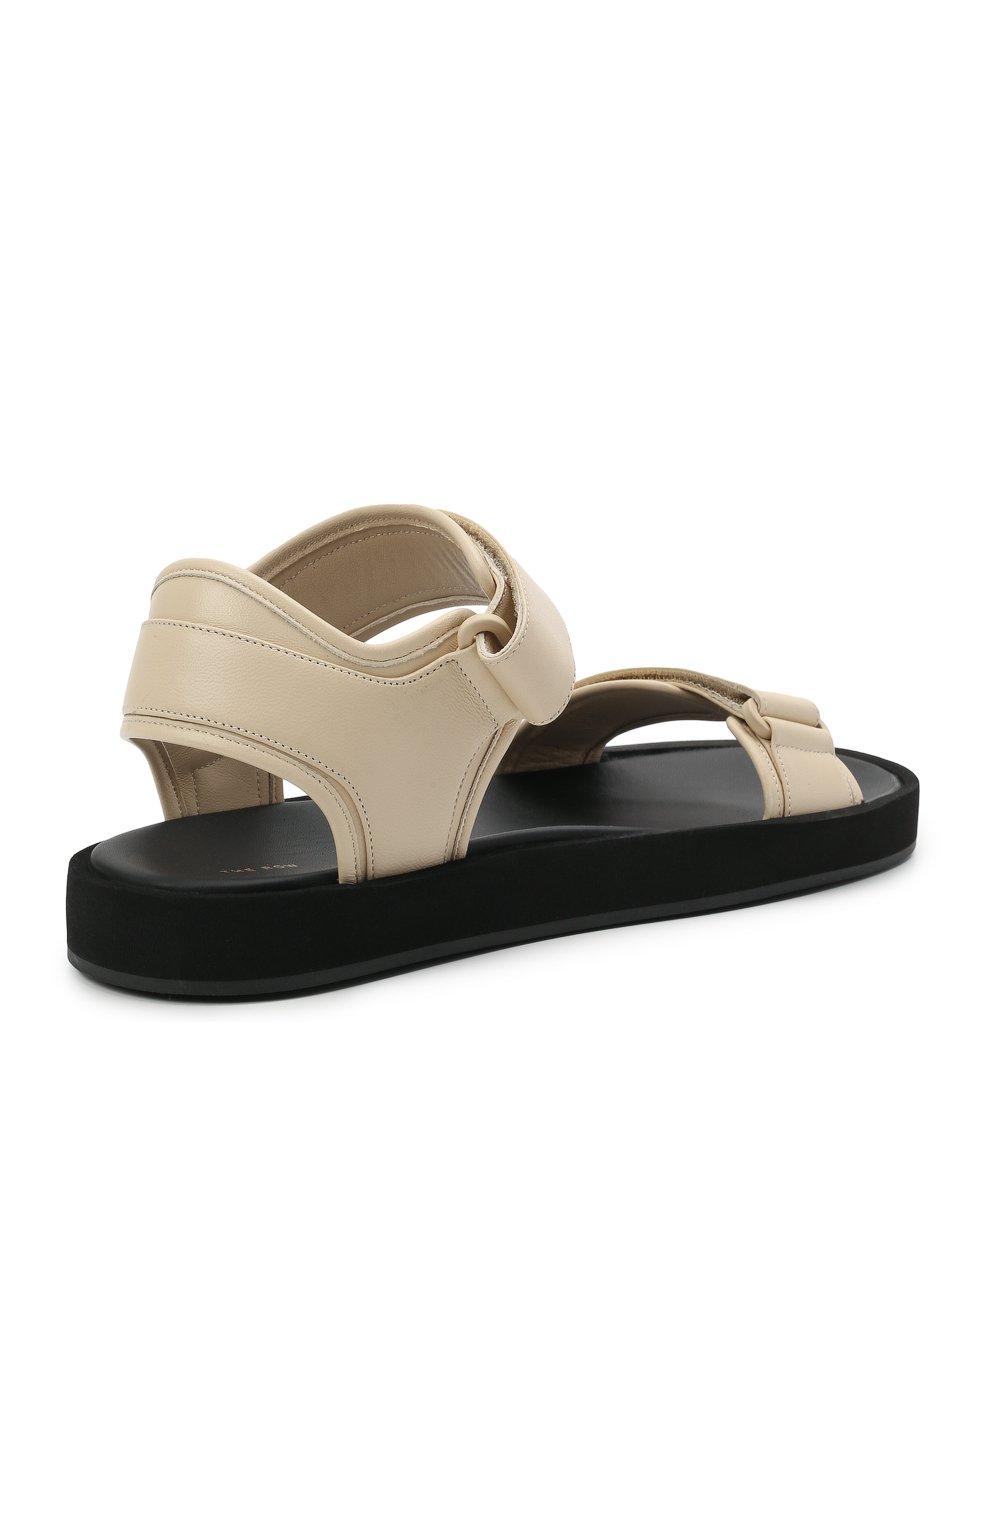 Женские кожаные сандалии THE ROW кремвого цвета, арт. F1206-N60 | Фото 4 (Подошва: Платформа; Материал внутренний: Натуральная кожа)